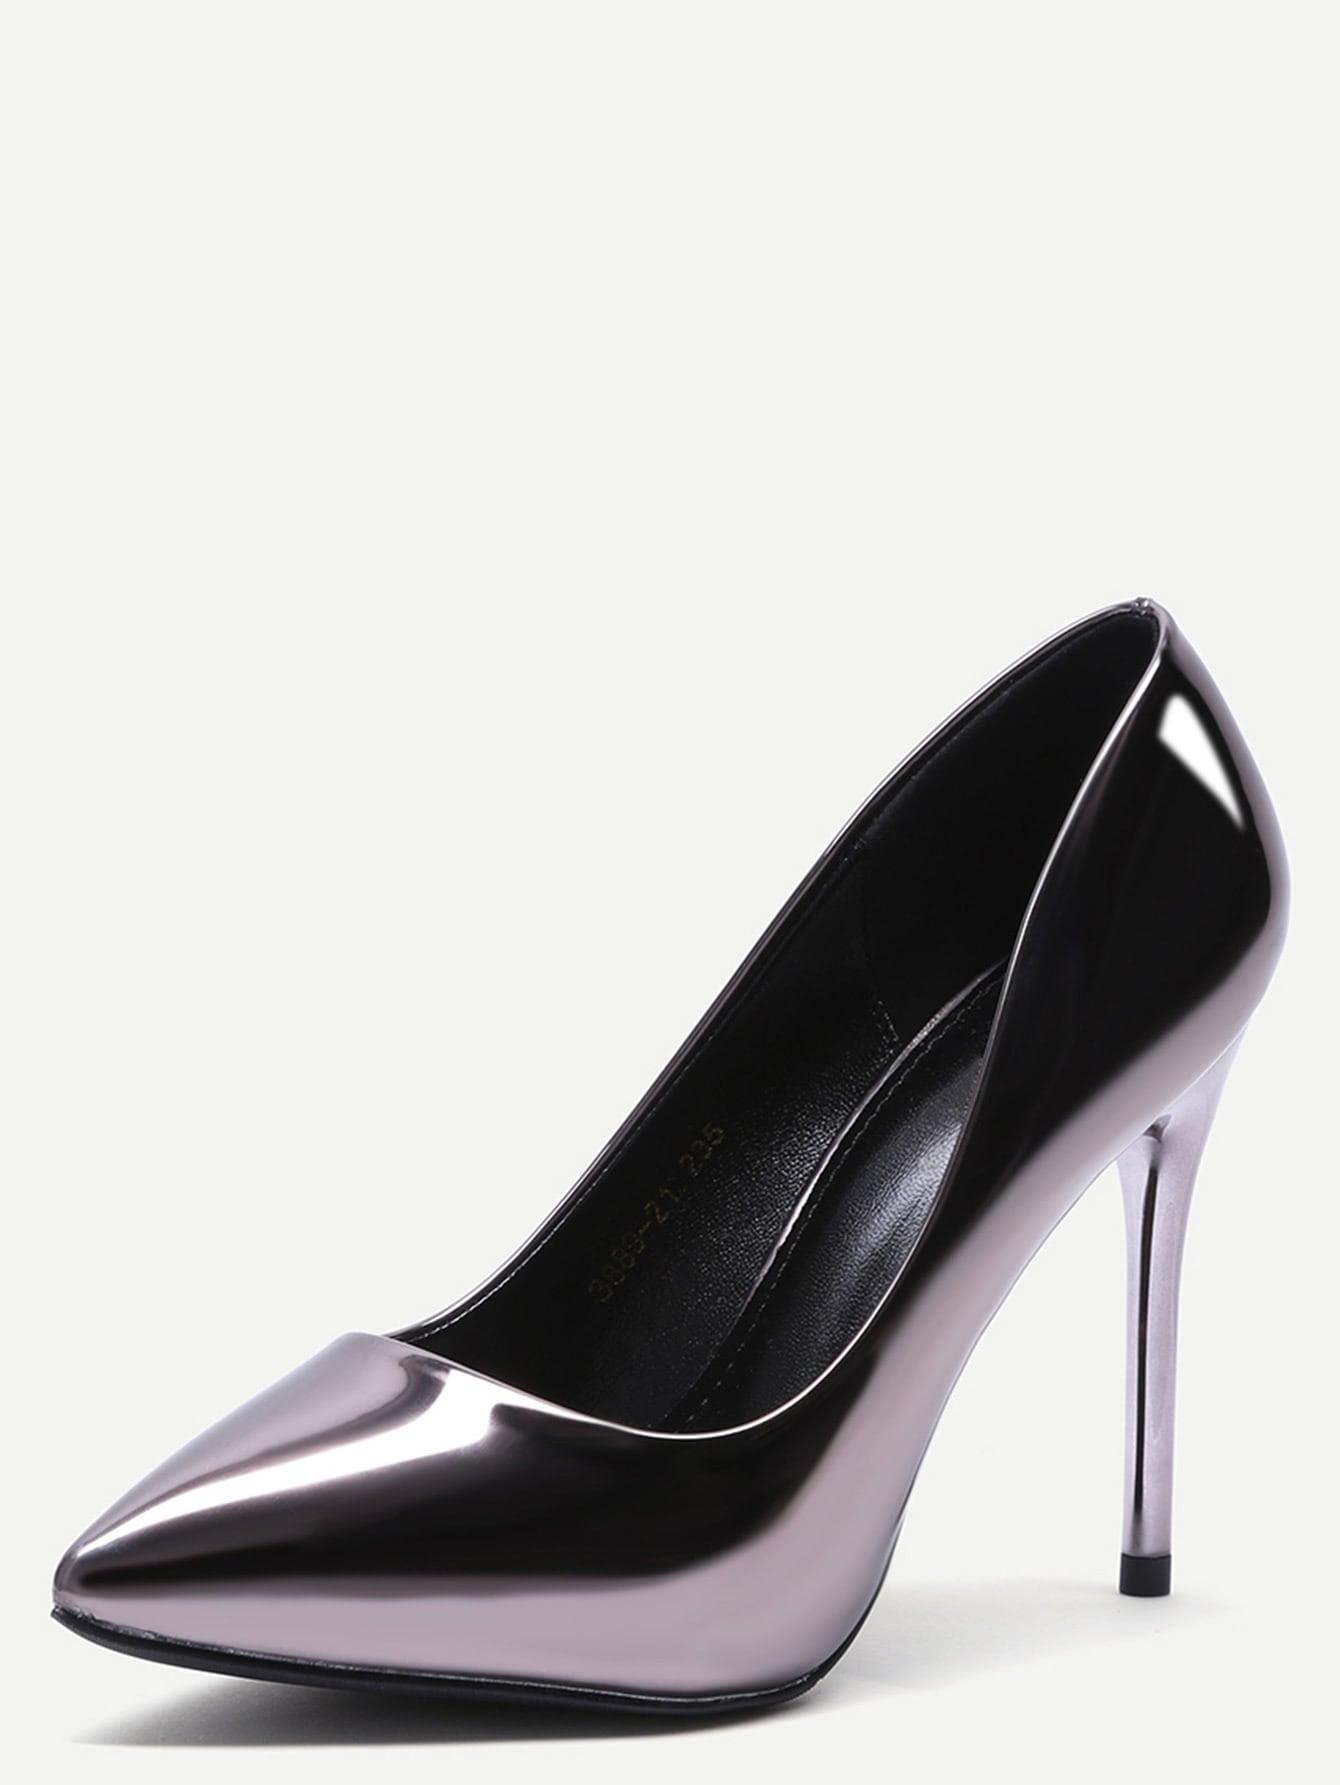 shoes161213802_2